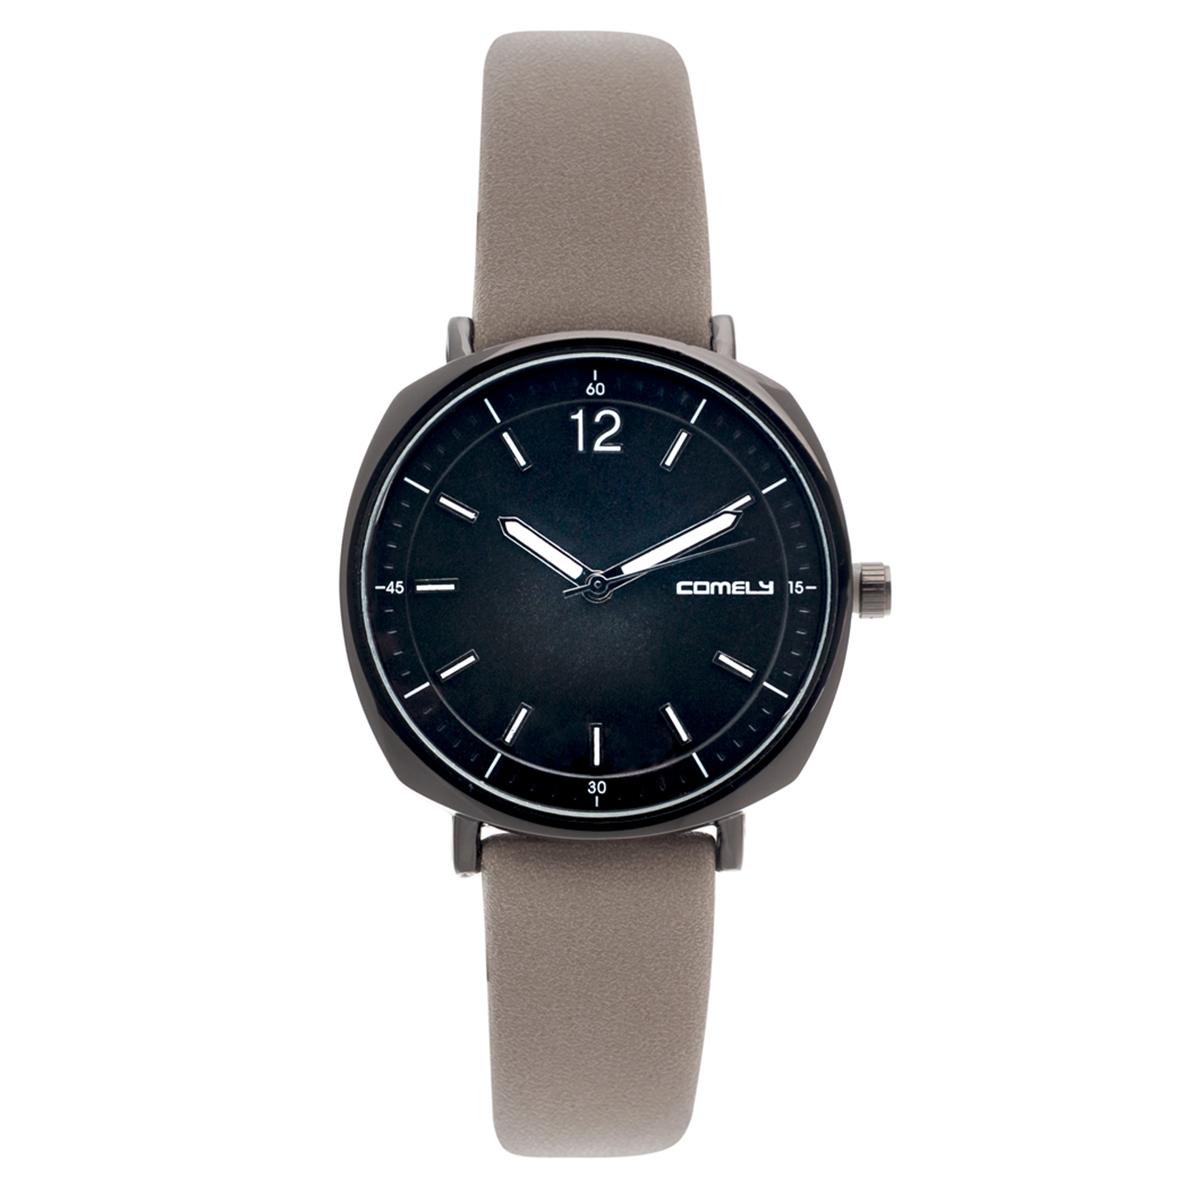 ساعت مچی عقربه ای زنانه کاملی کد W1151